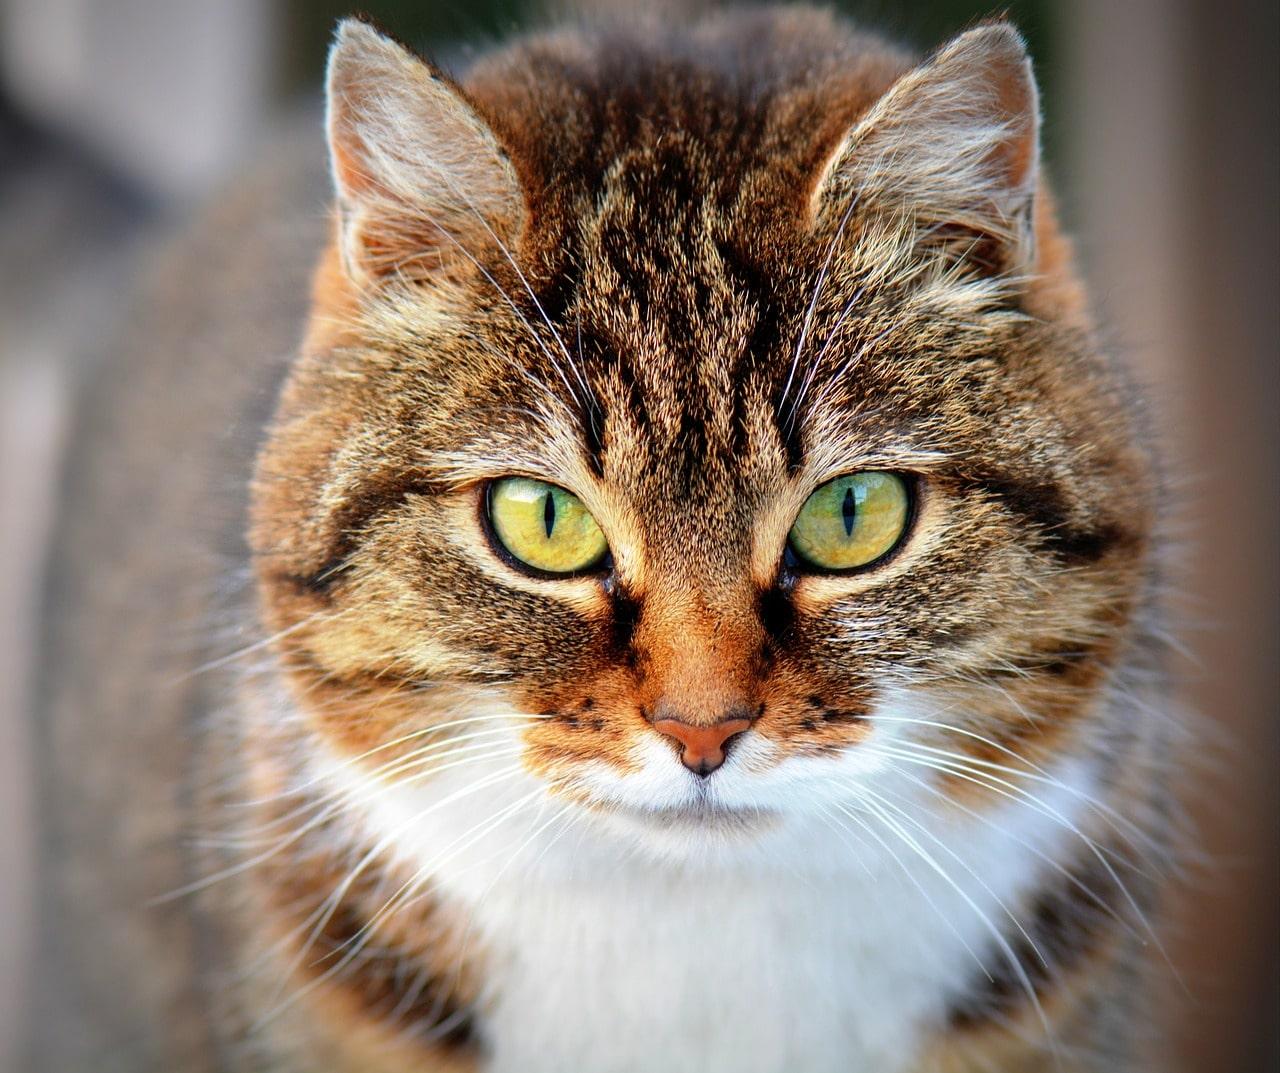 Senior cat losing weight